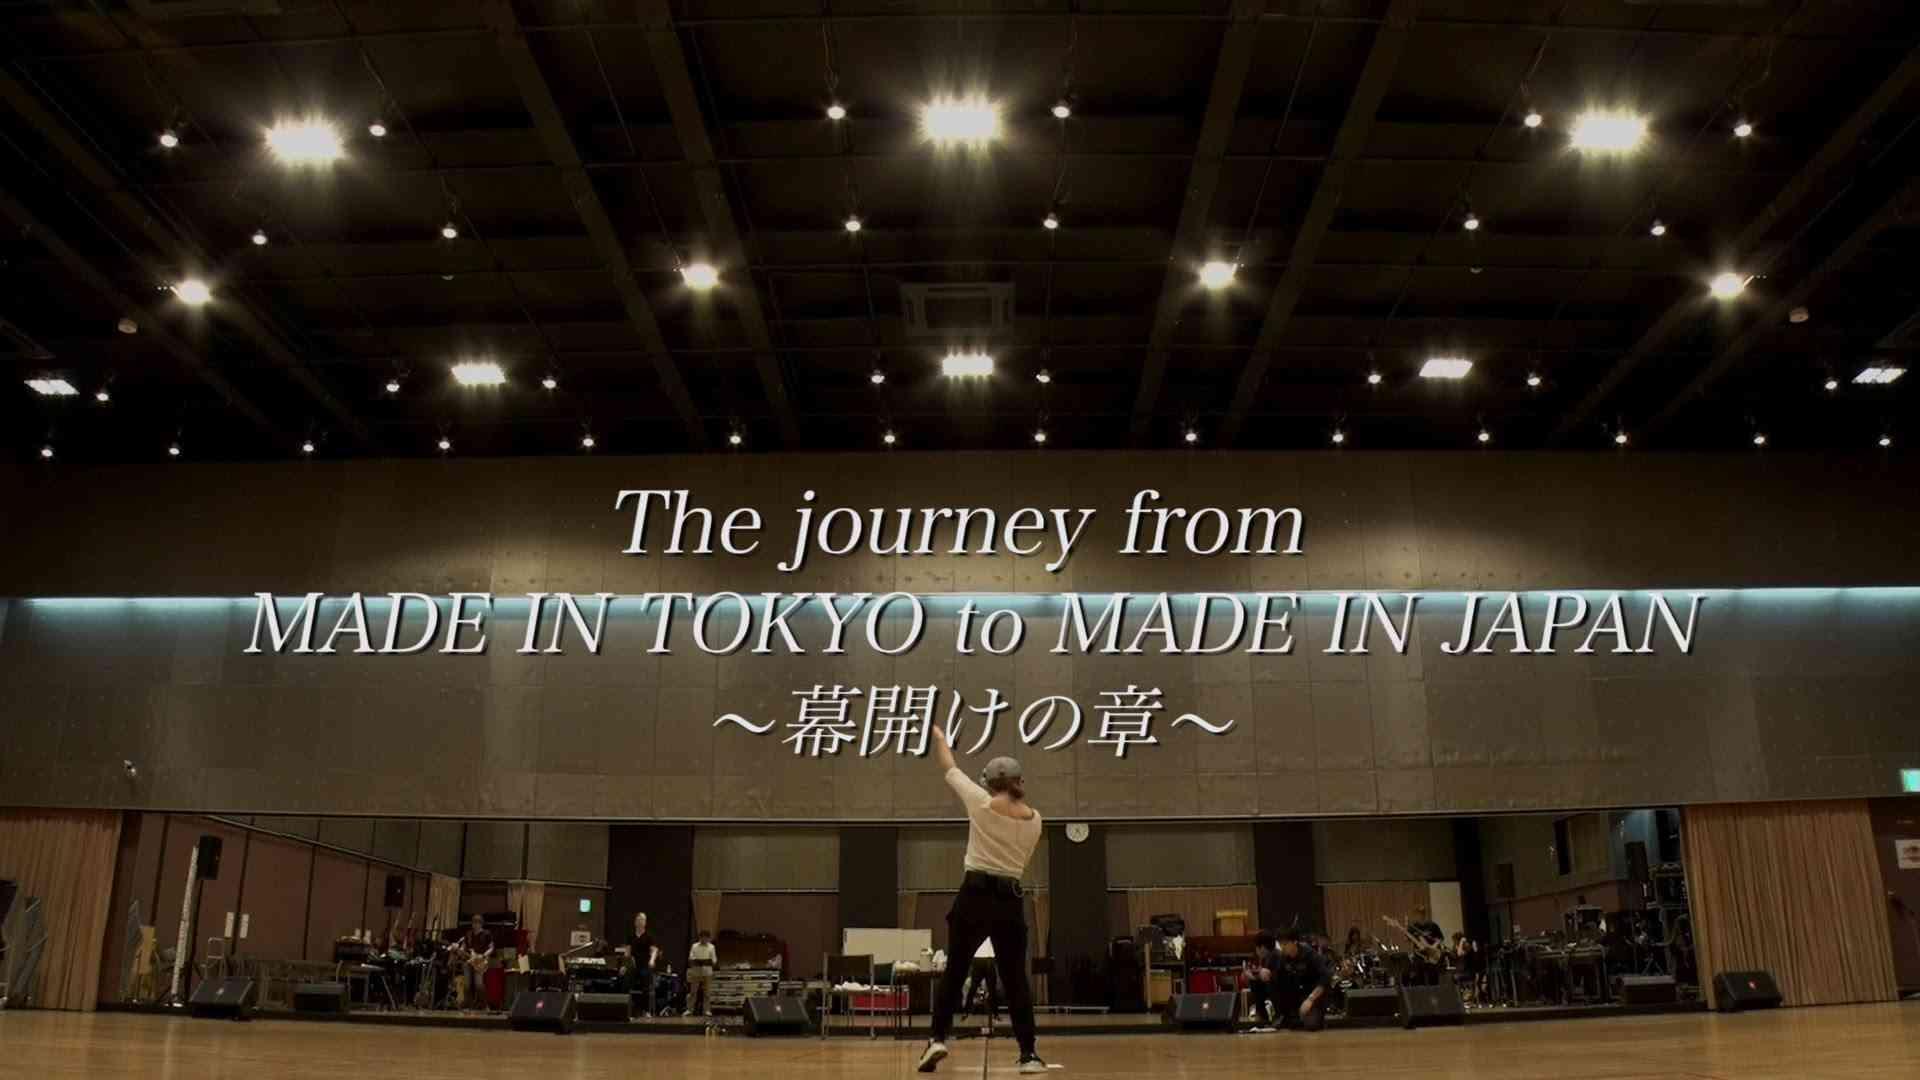 浜崎あゆみ / ayumi hamasaki『The journey from MADE IN TOKYO to MADE IN JAPAN』〜幕開けの章〜 - YouTube